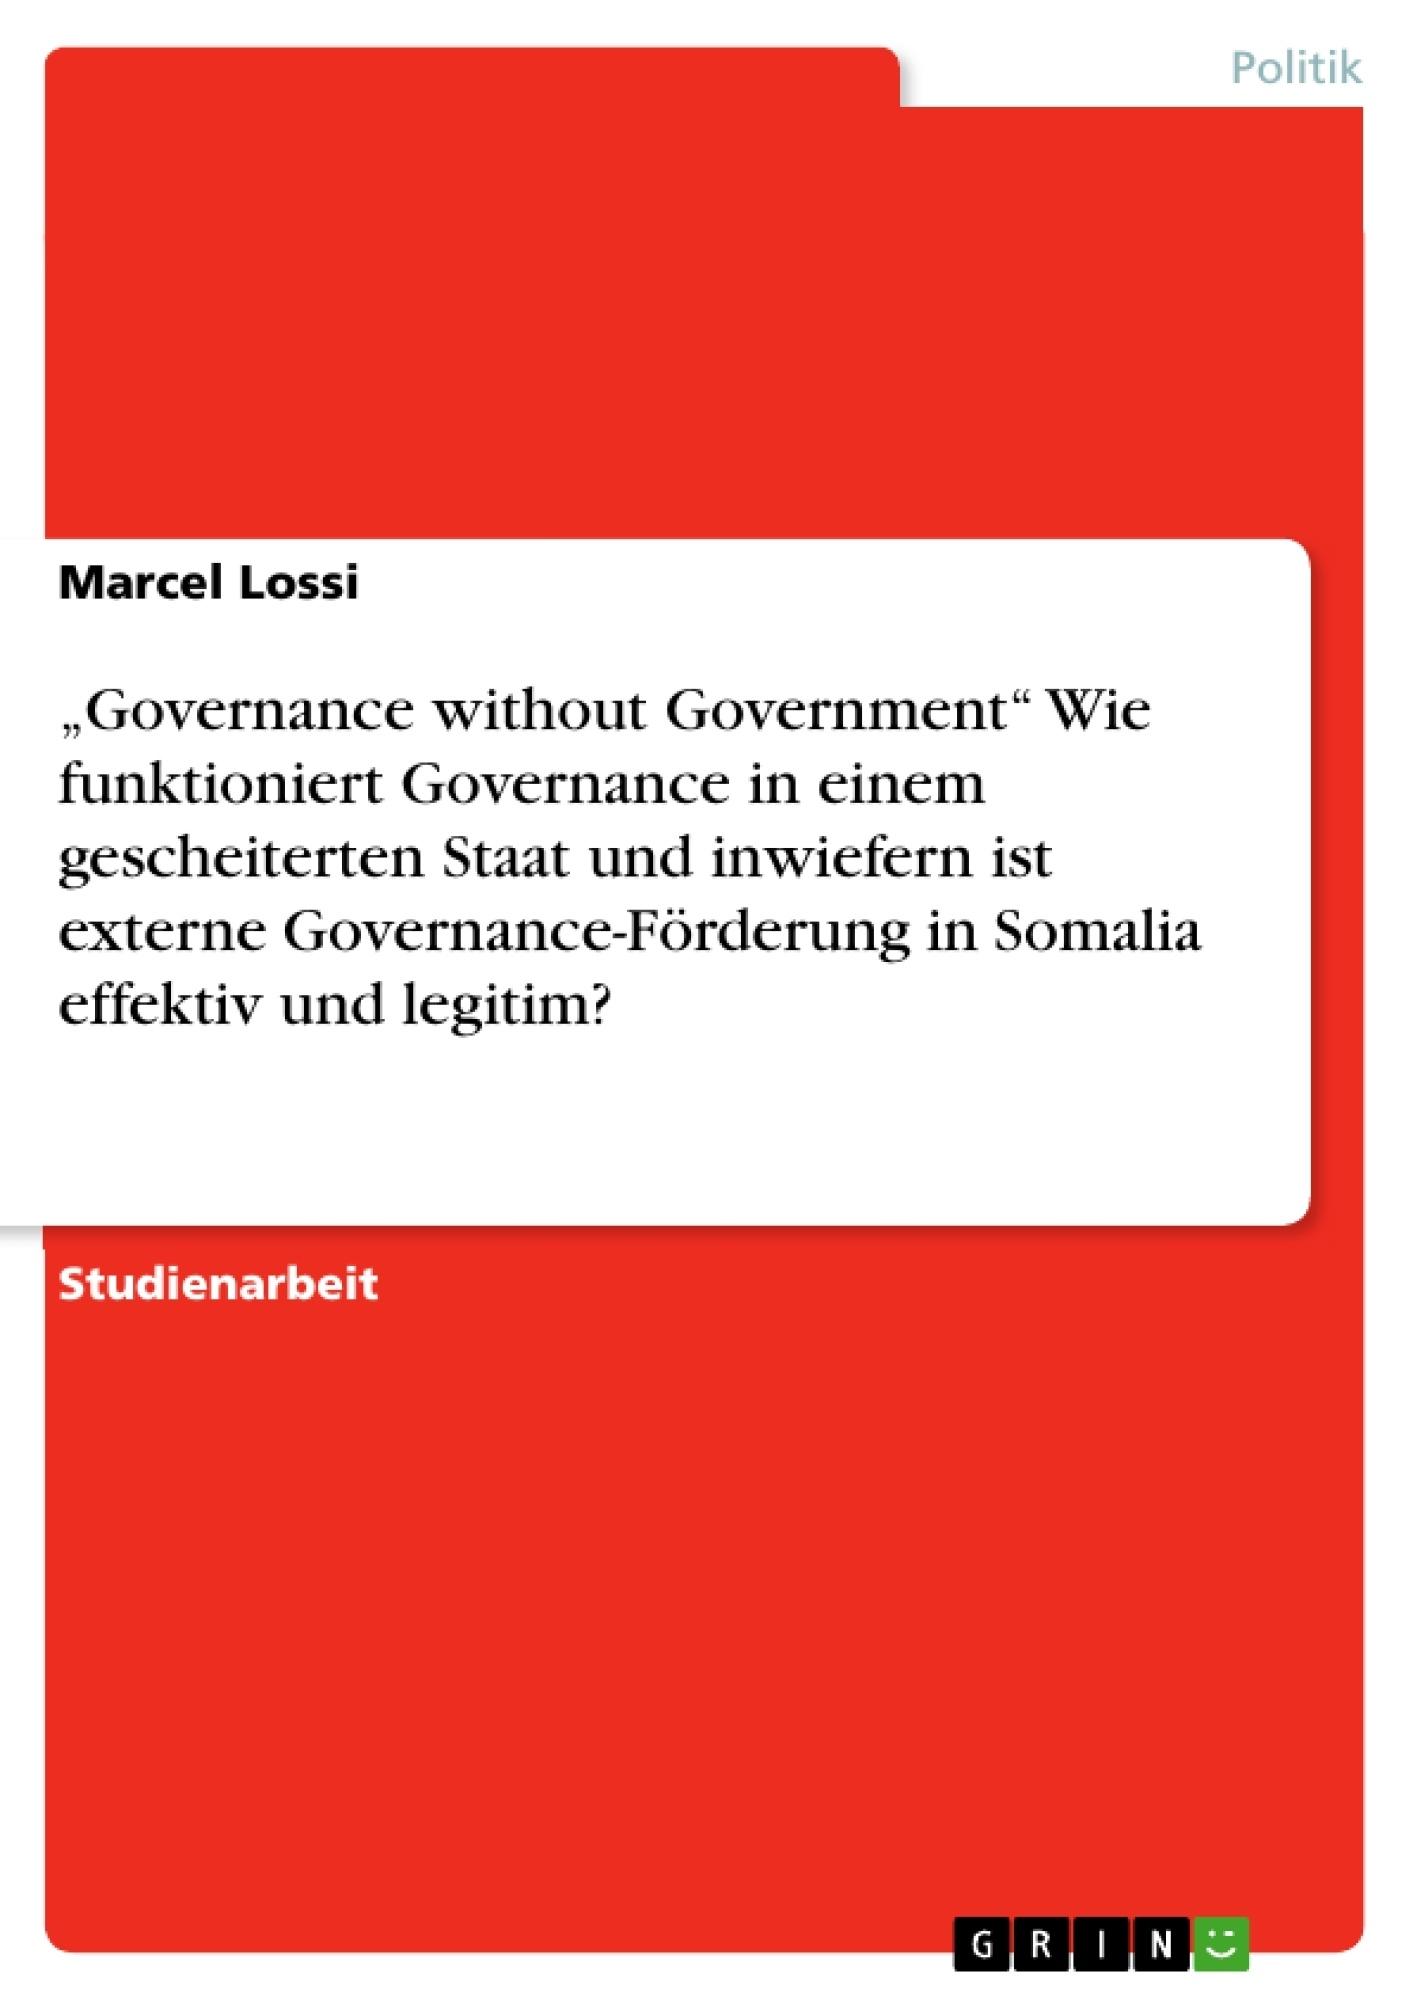 """Titel: """"Governance without Government""""   Wie funktioniert Governance in einem gescheiterten Staat und inwiefern ist externe Governance-Förderung in Somalia effektiv und legitim?"""